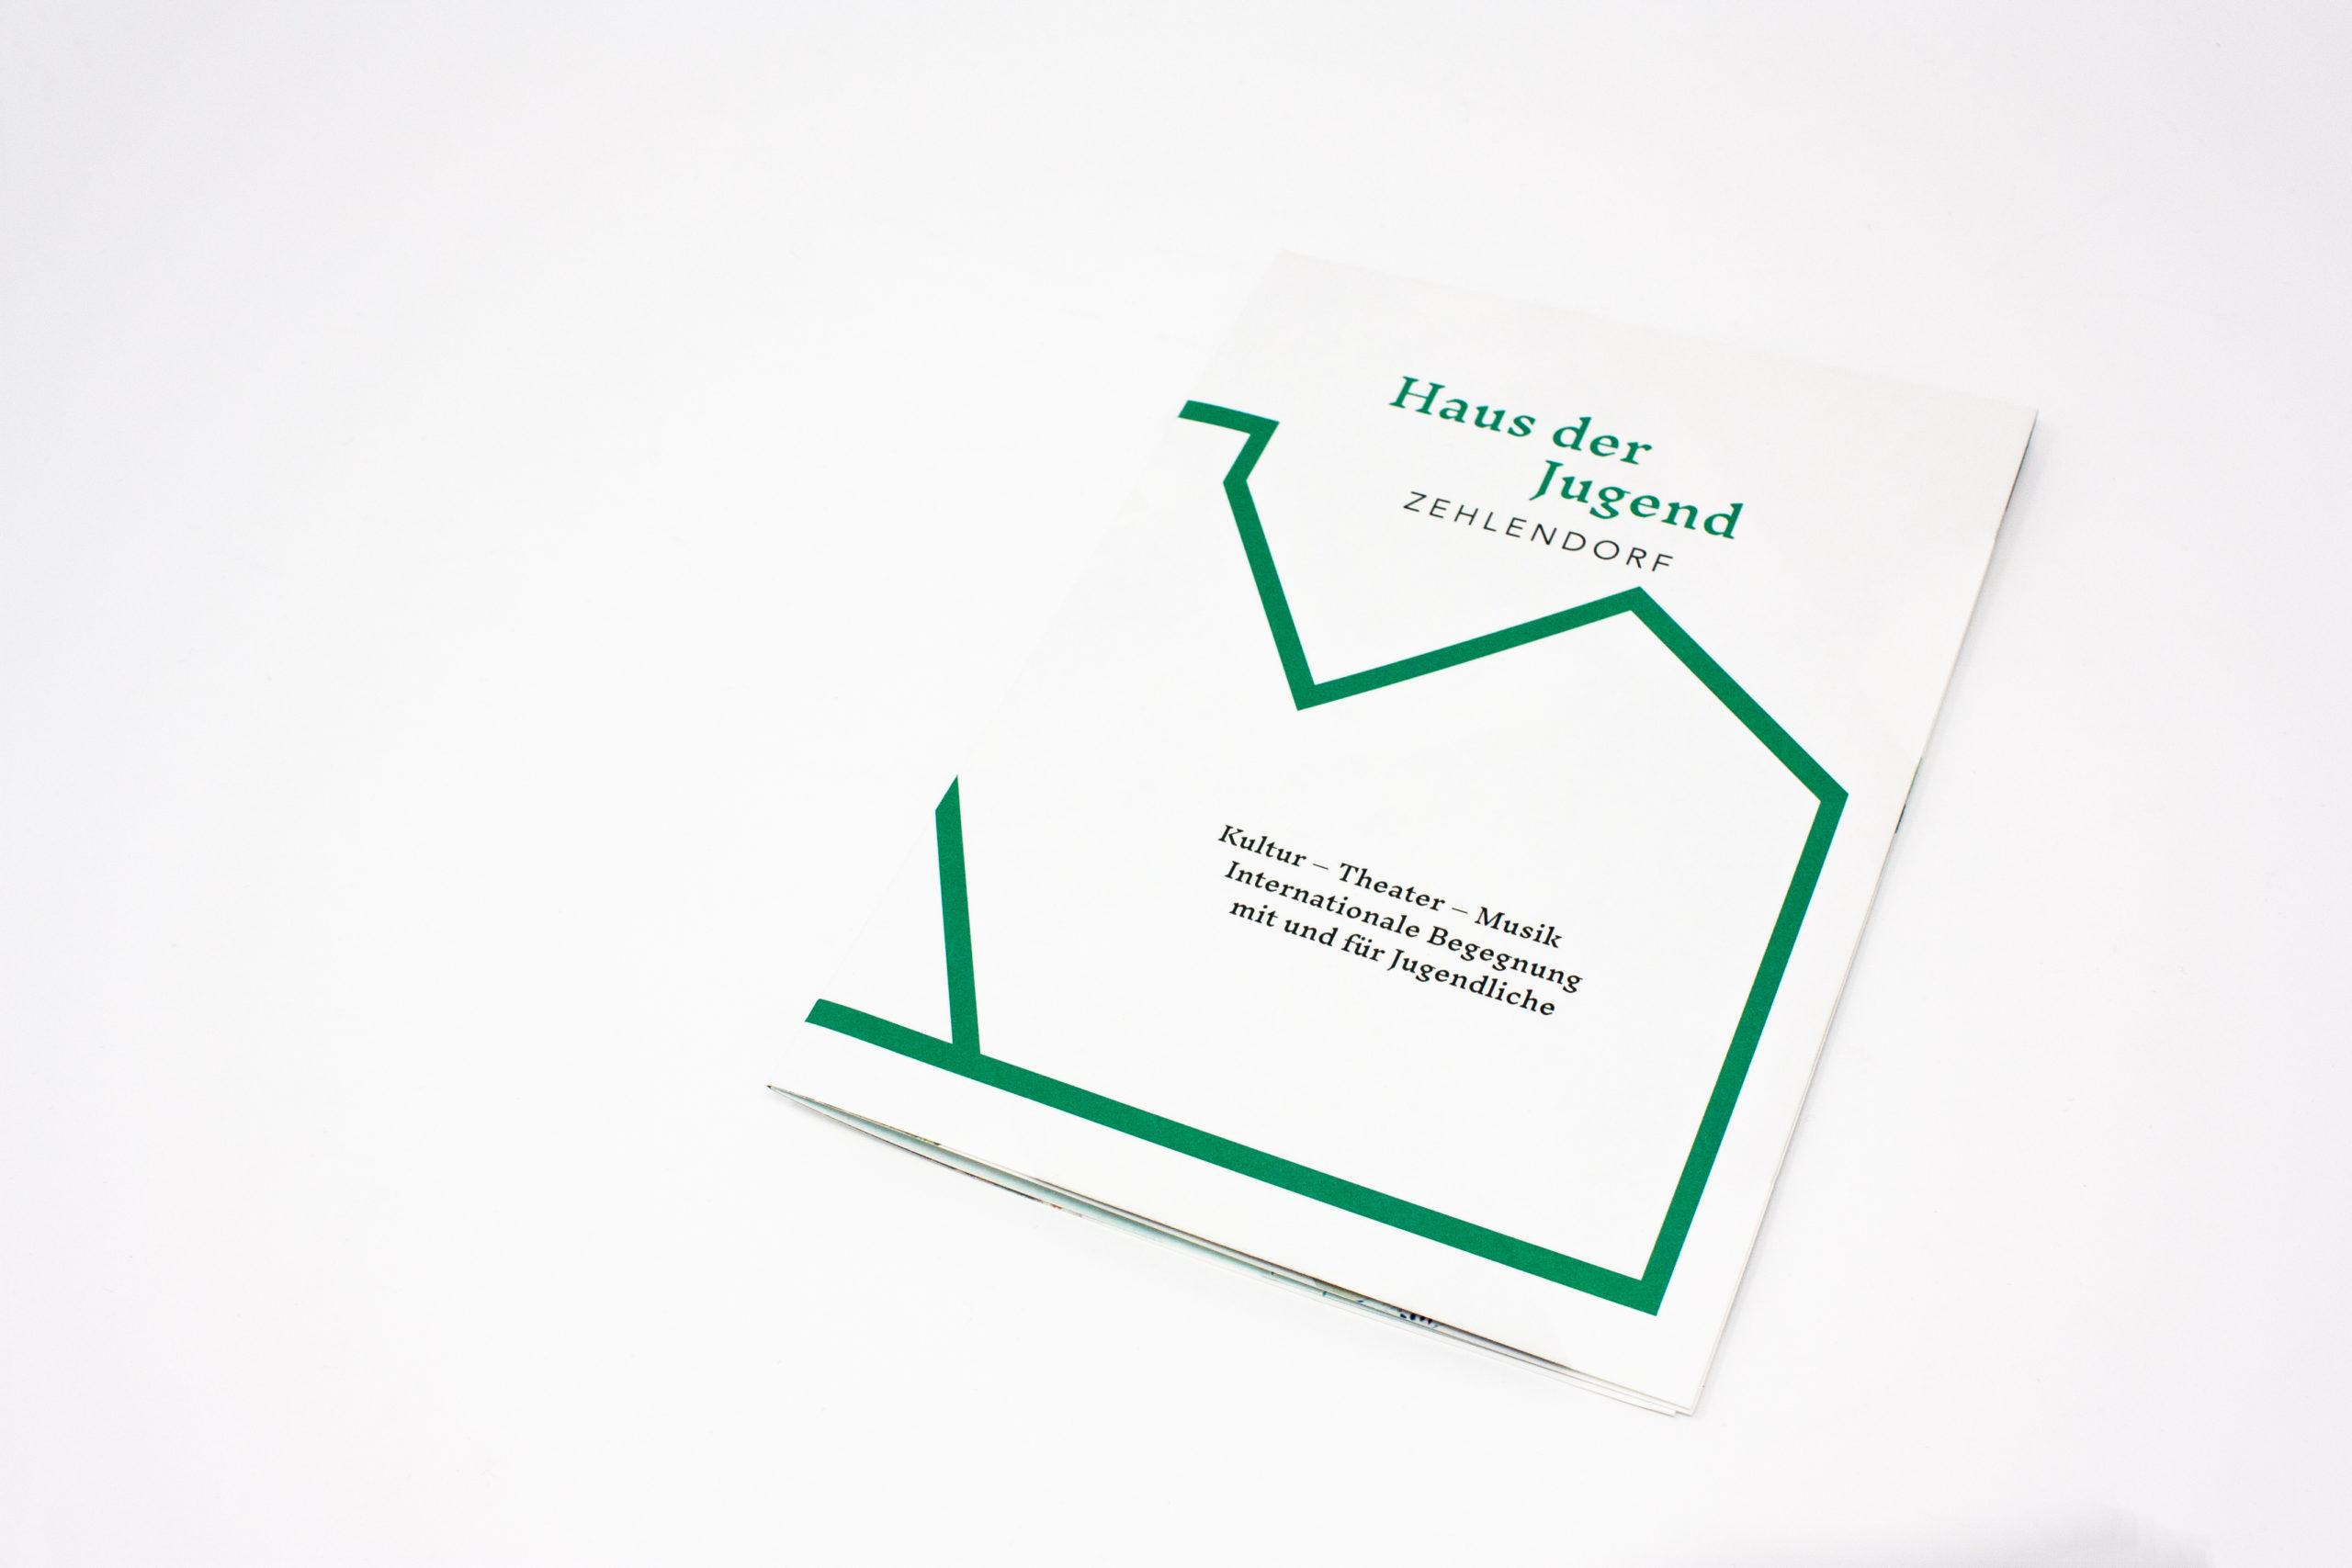 FORMLOS-Design-Haus_der_jugend_Zehlendorf-Flyer-Print-5